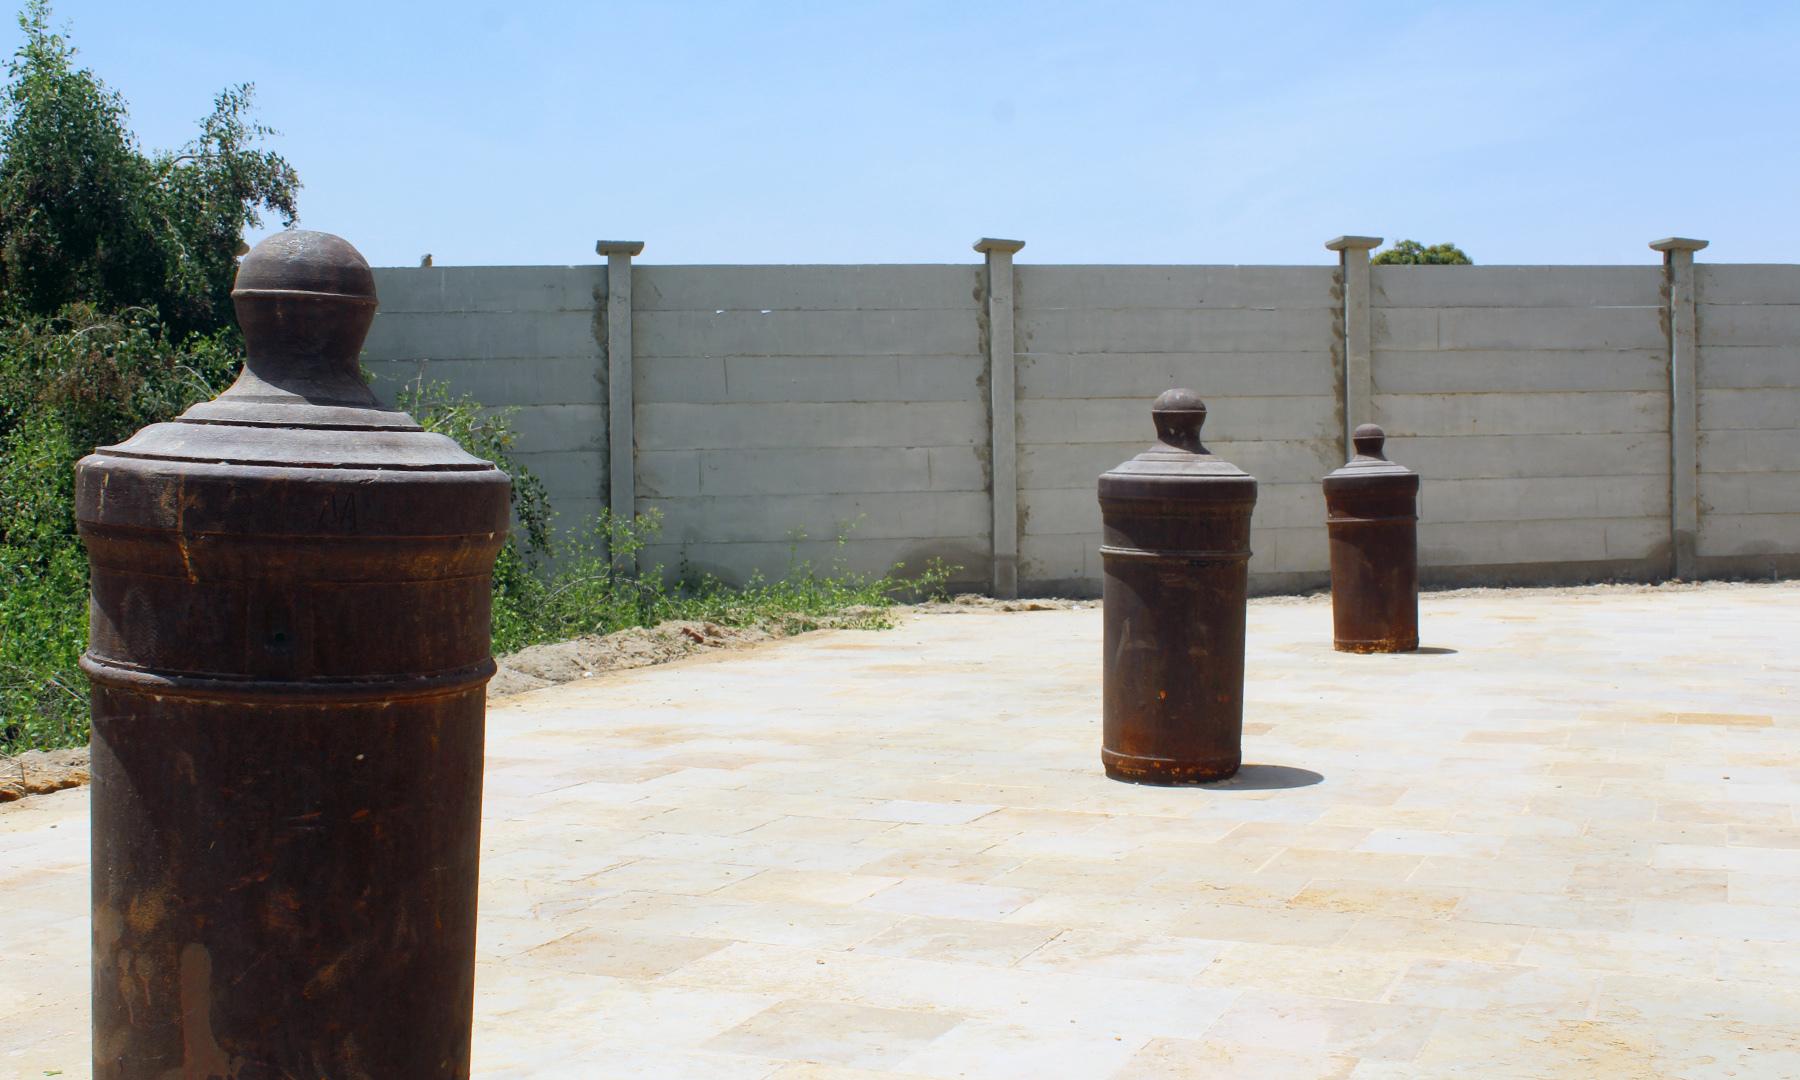 یادگار کے مقام پر 8 توپوں کو الٹا نصب کیا گیا ہے — تصویر اختر حفیظ